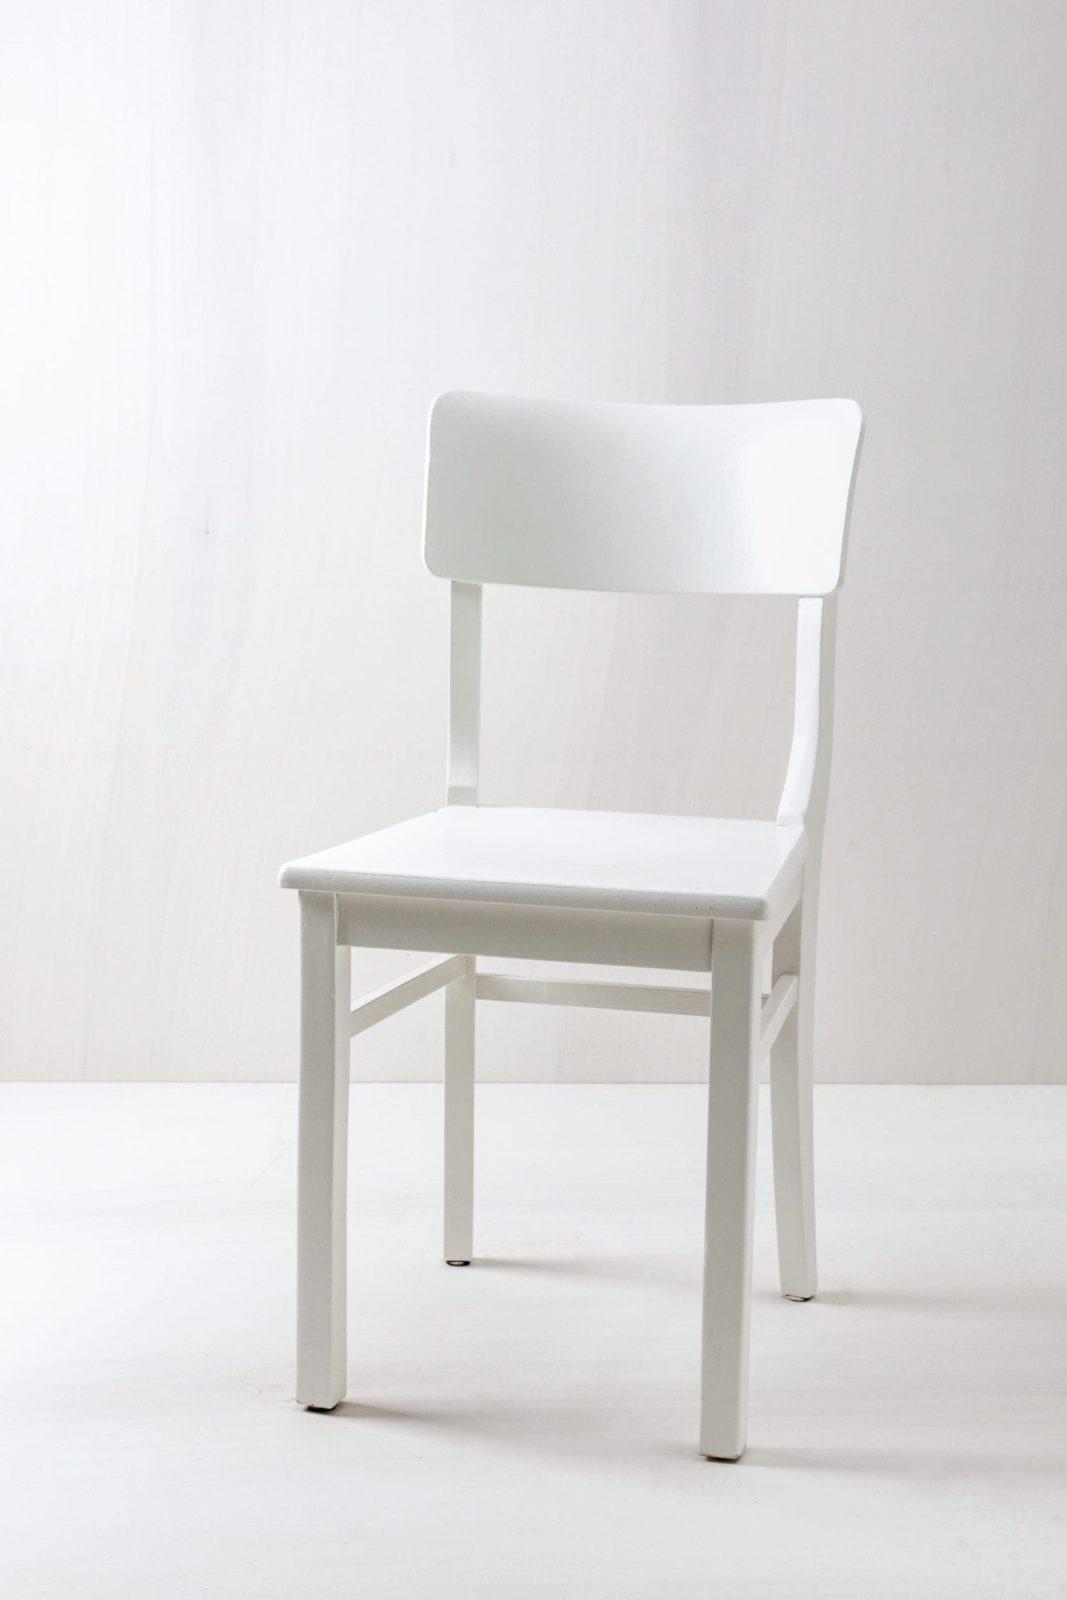 Küchenstuhl Begoña | Vintage Küchenstuhl, seidenmatt weiss lackiert. | gotvintage Rental & Event Design